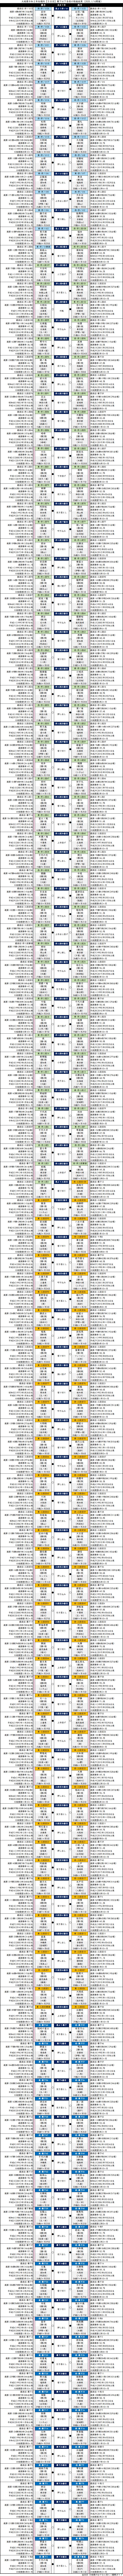 大相撲・2020年1月場所5日目・幕下以下の取組結果